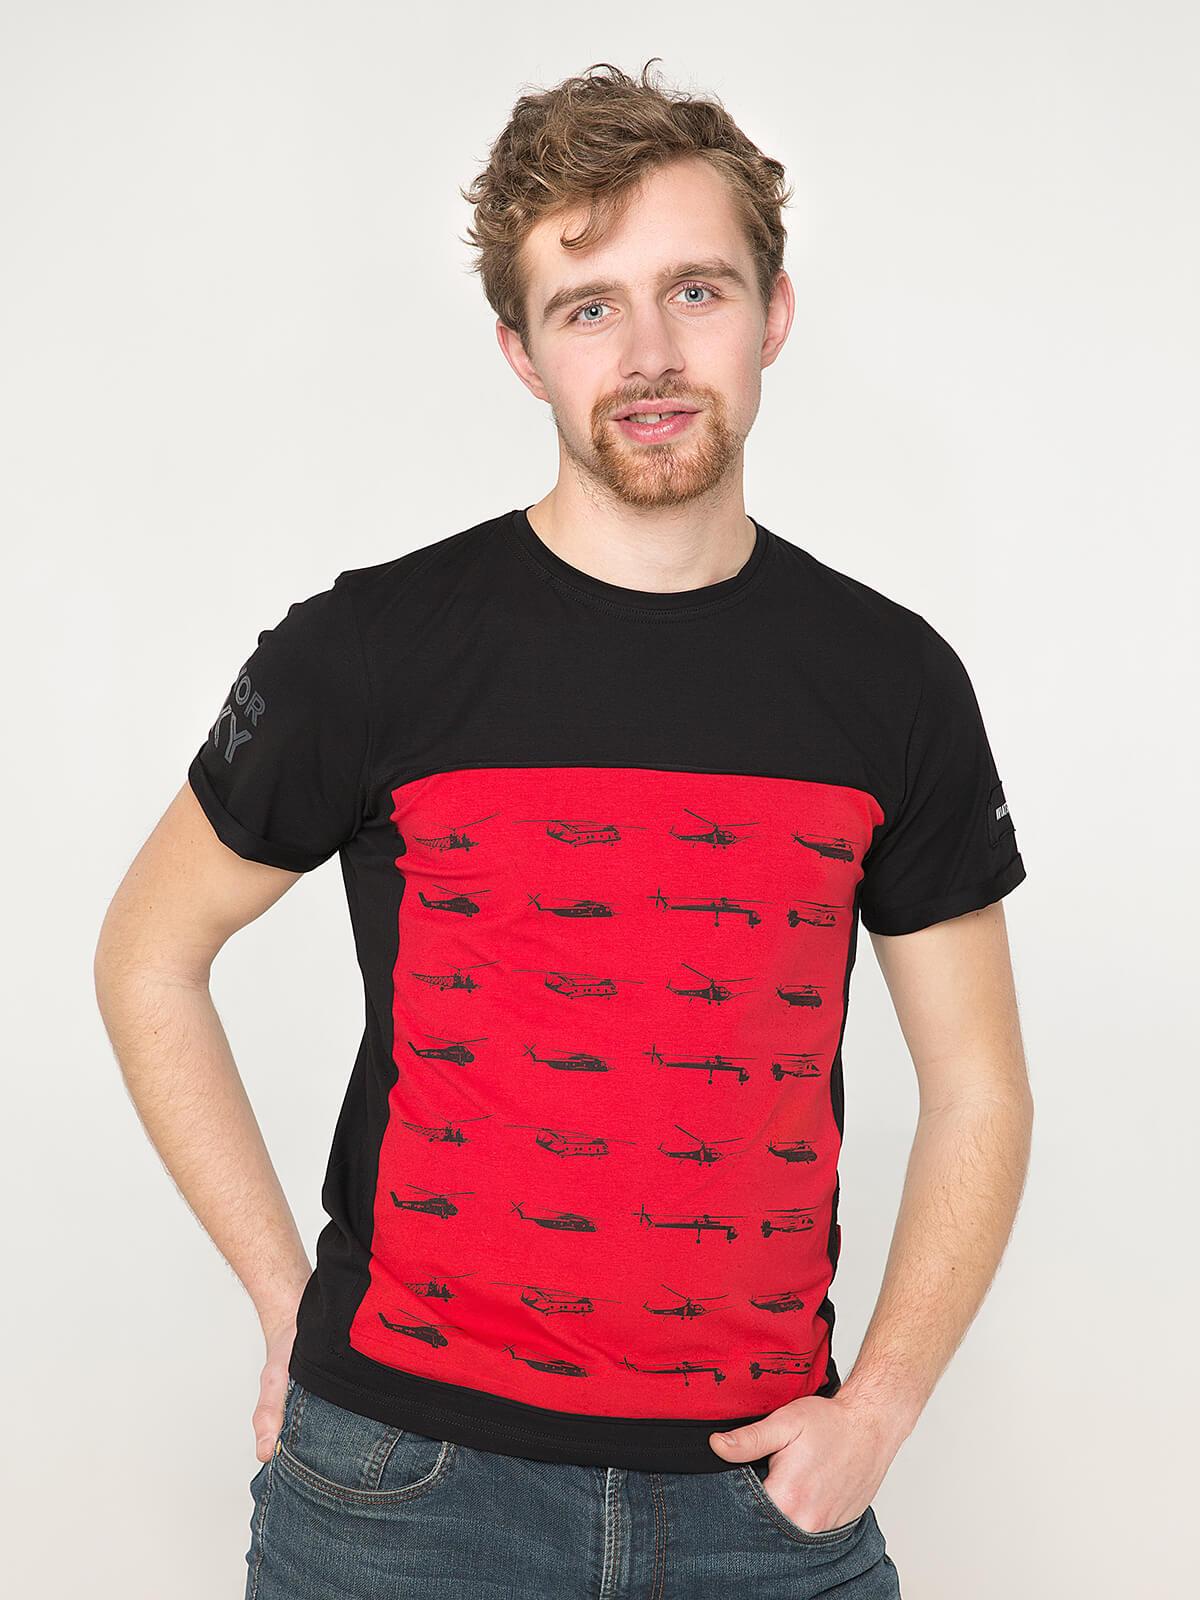 Men's T-Shirt Sikorsky. Color black. Unisex T-shirt (men's sizes).